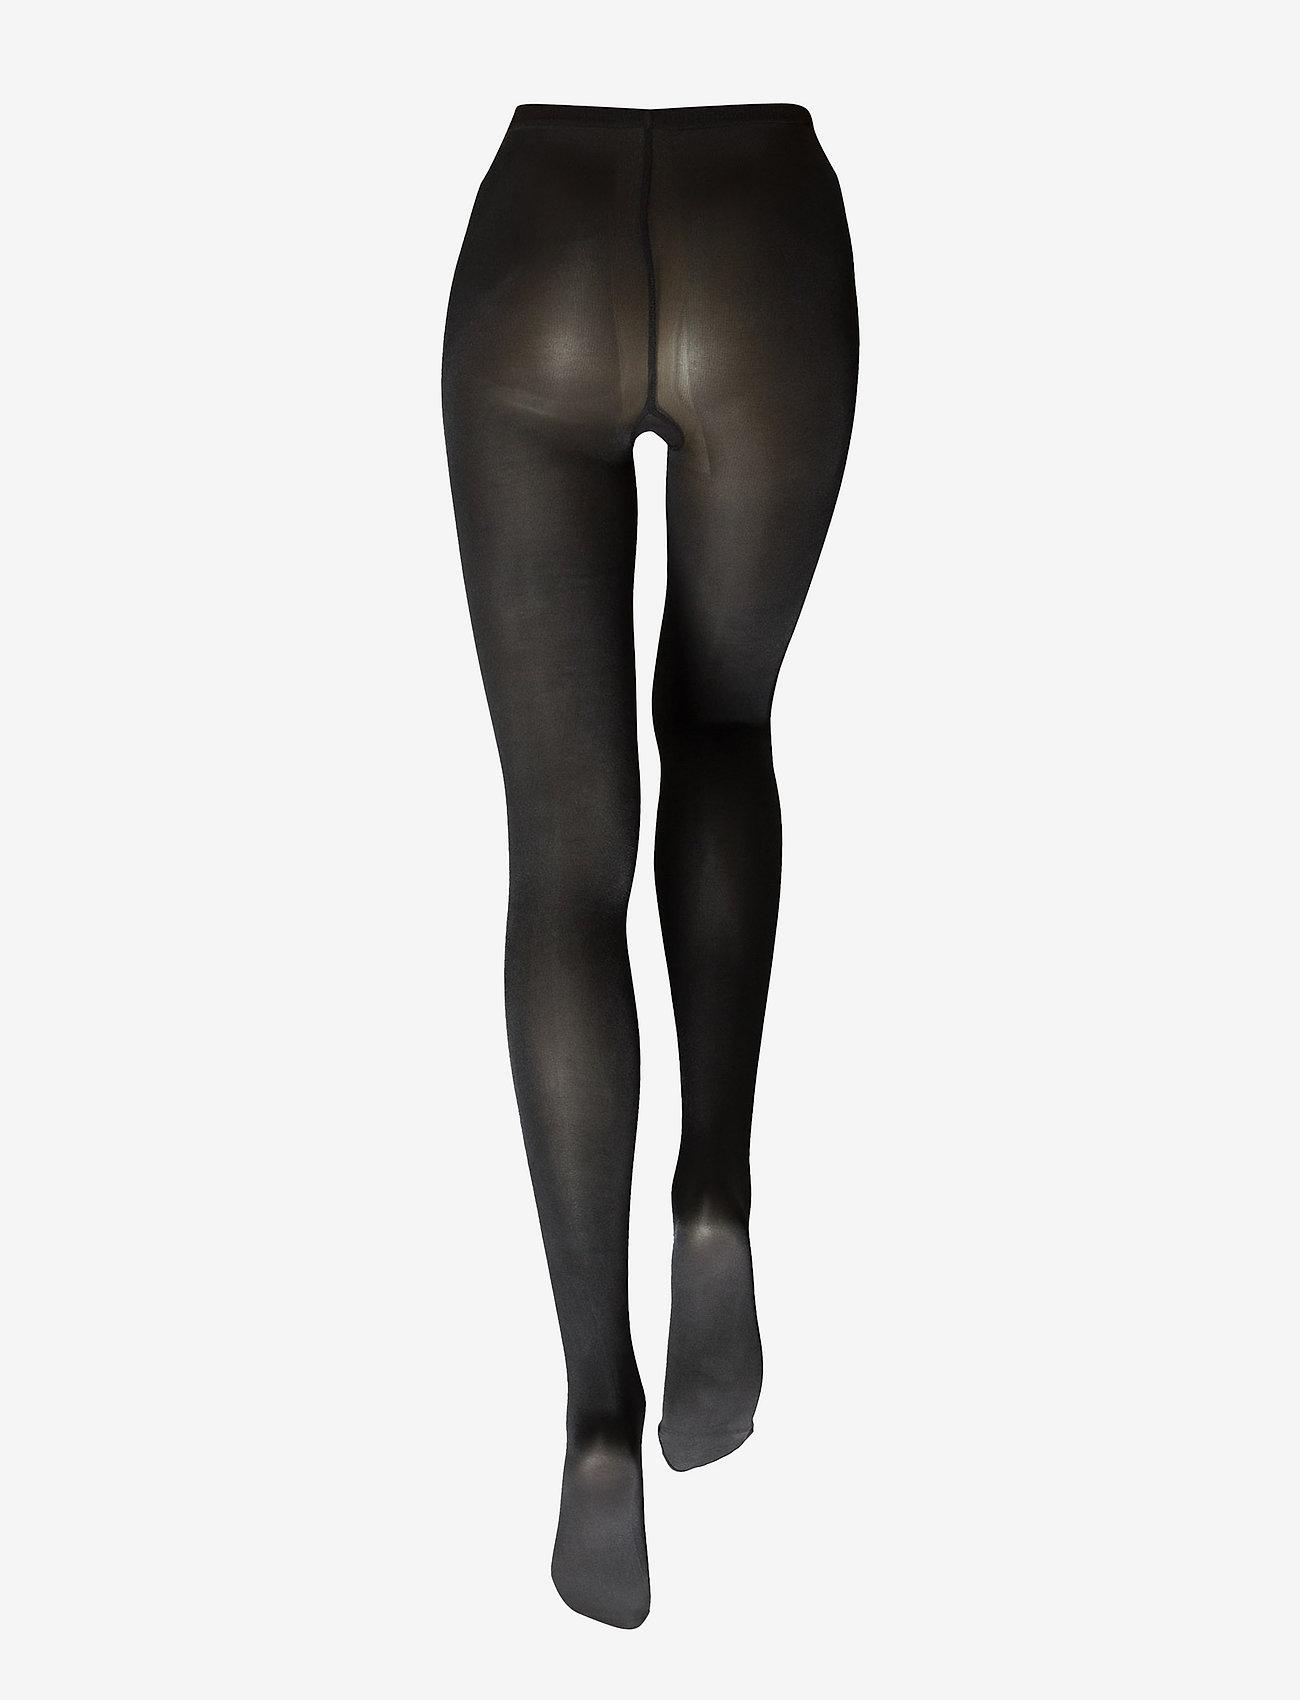 Vogue - Ladies den pantyhose, Opaque Brillante 3D 70den - zeķbikses - carbon - 1